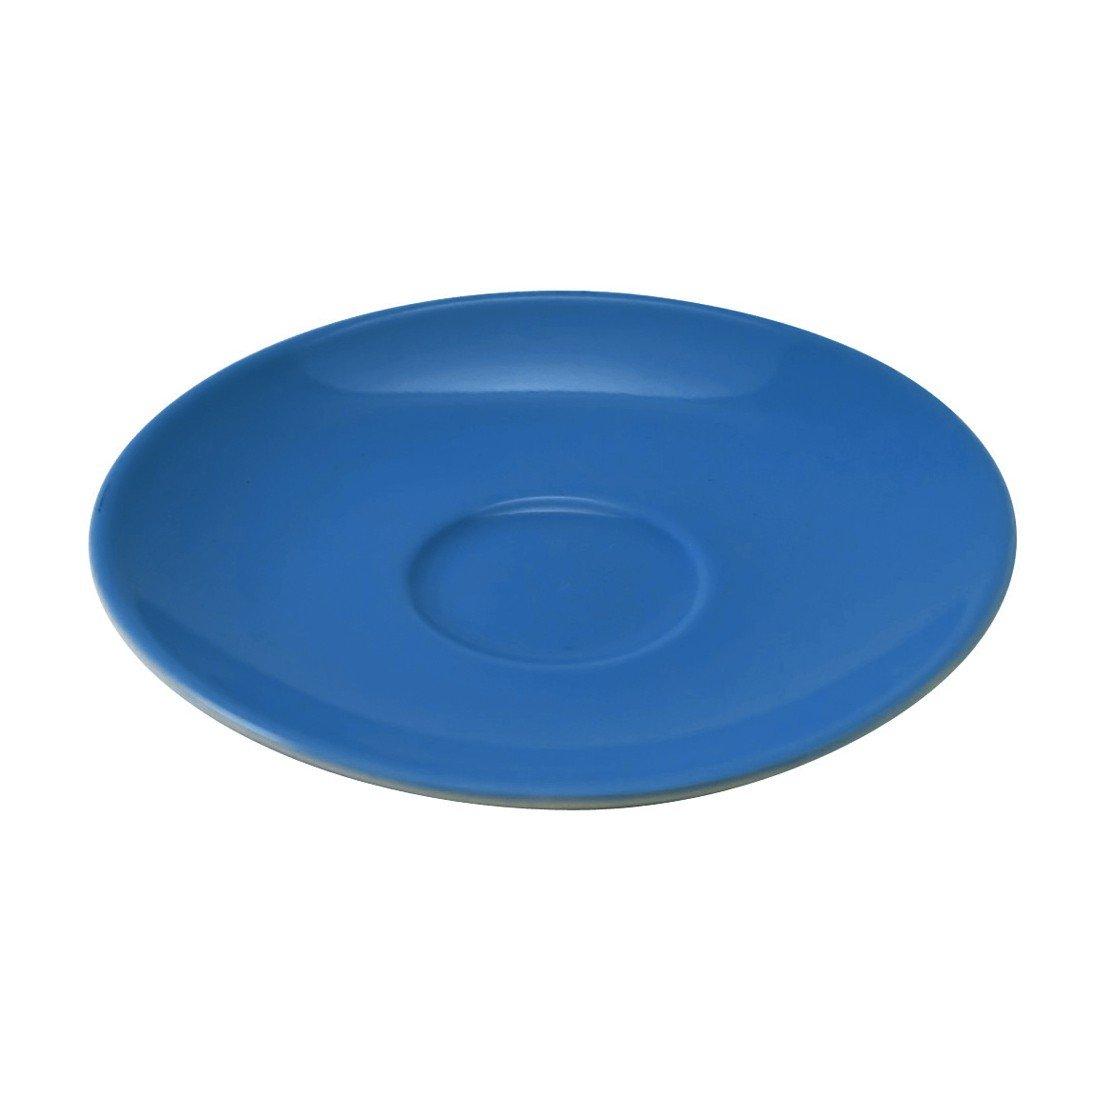 /Ø 17 x 2 cm Flirt by R/&B 063820 Jumbo Teller Untere // Untertasse Doppio 6er Pack indigo blau